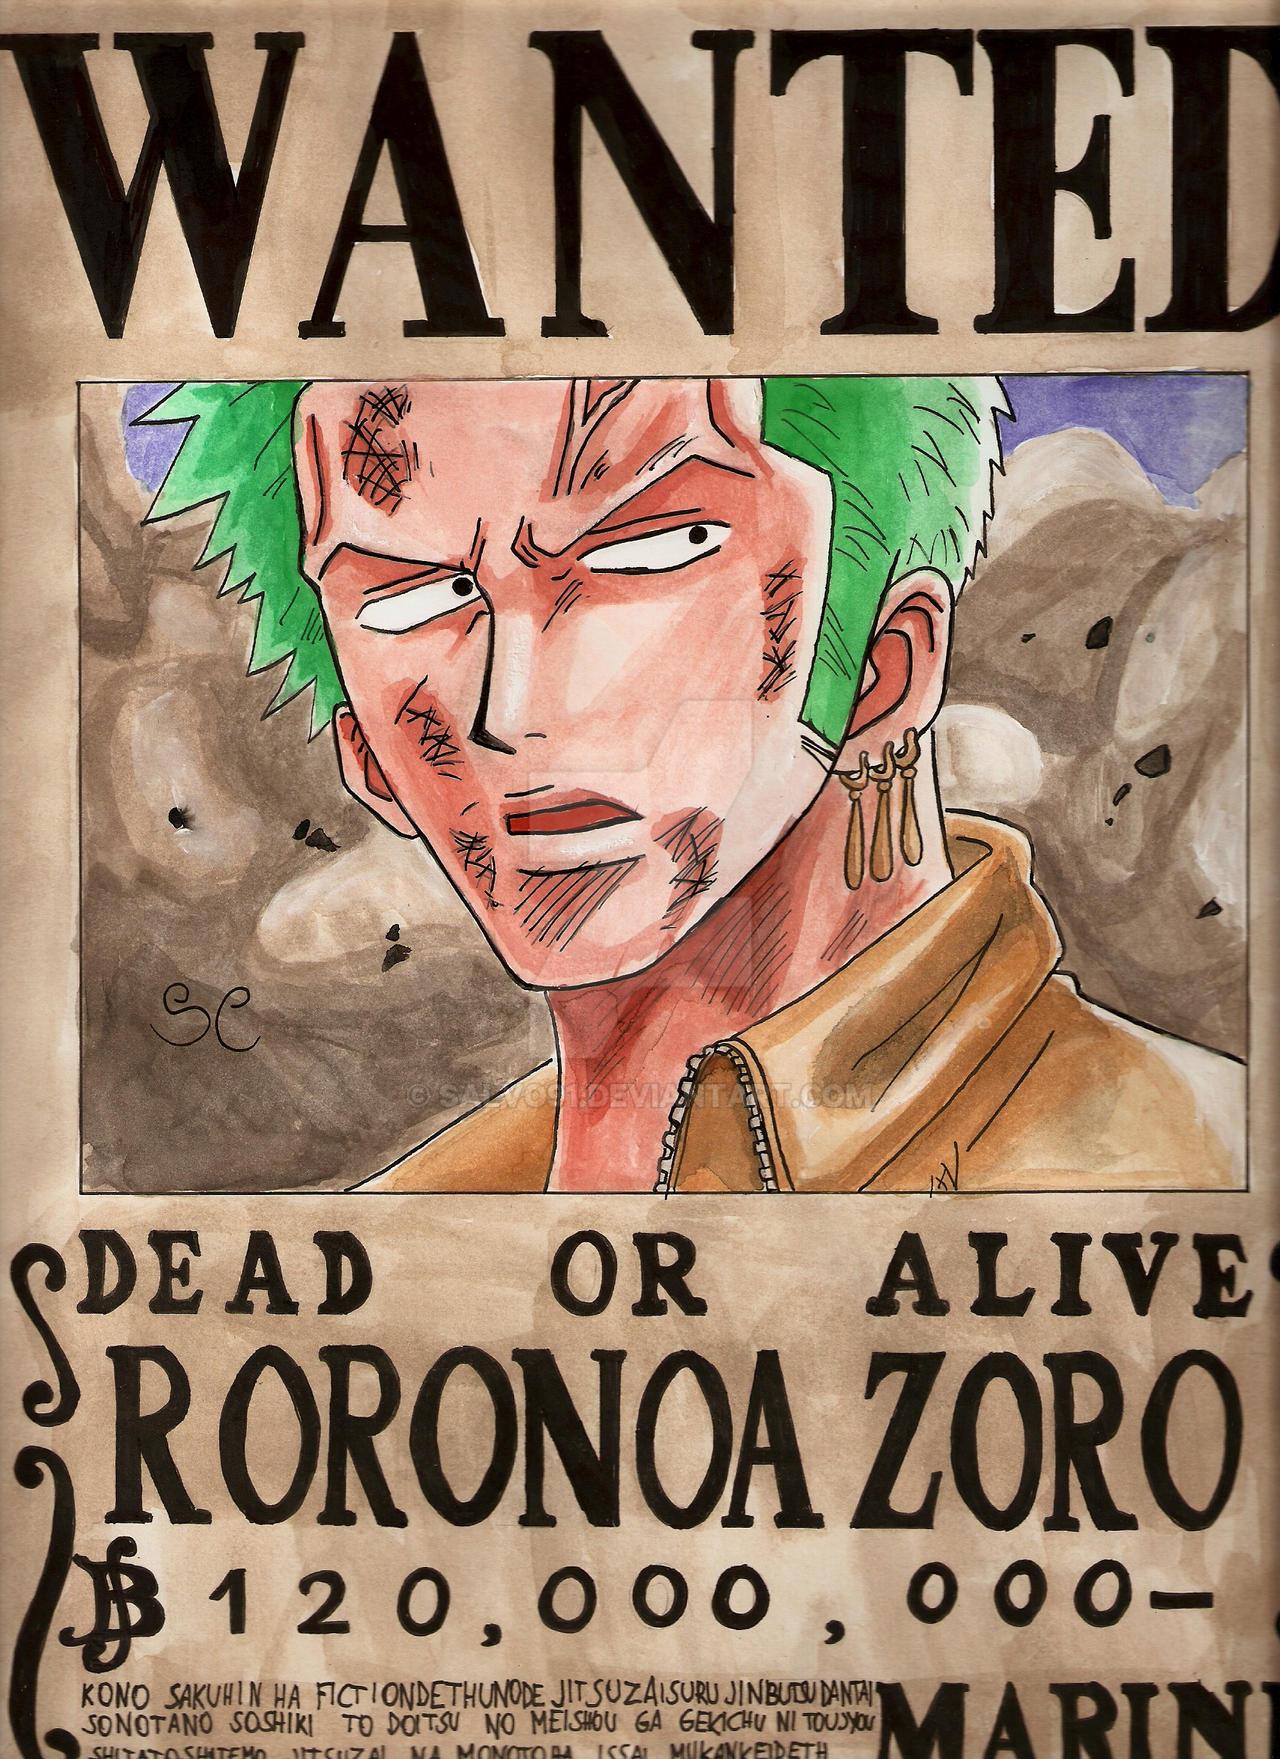 Zoro Wanted Wallpaper Hd